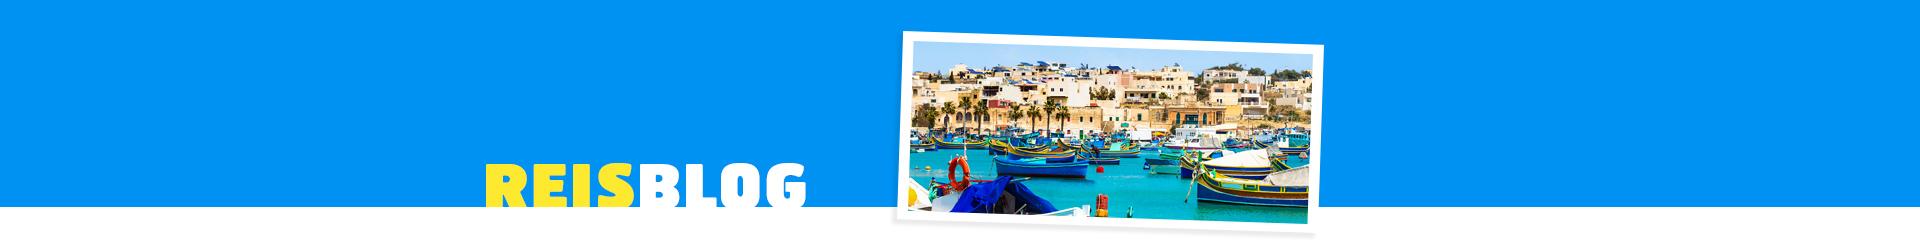 Bezienswaardigheden van Malta: kleurrijk en karakteristiek